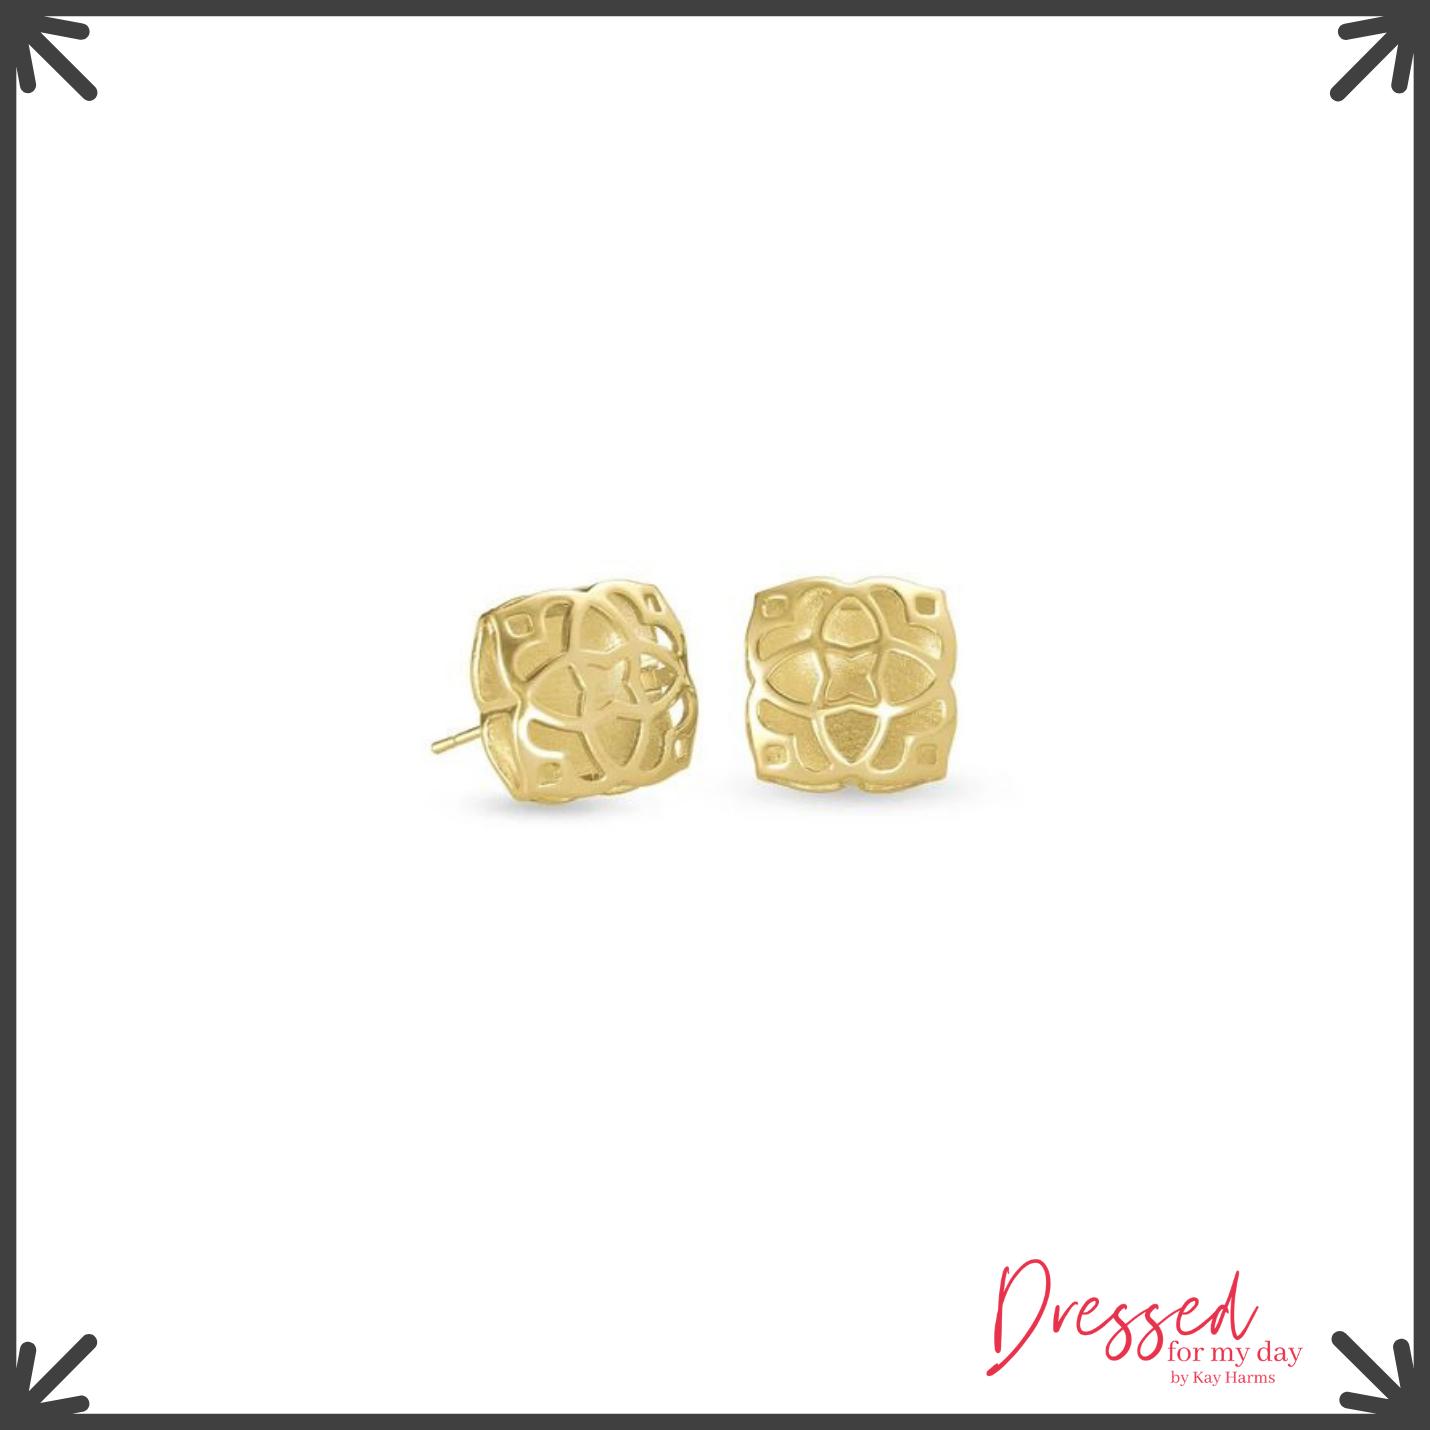 Favorites earrings